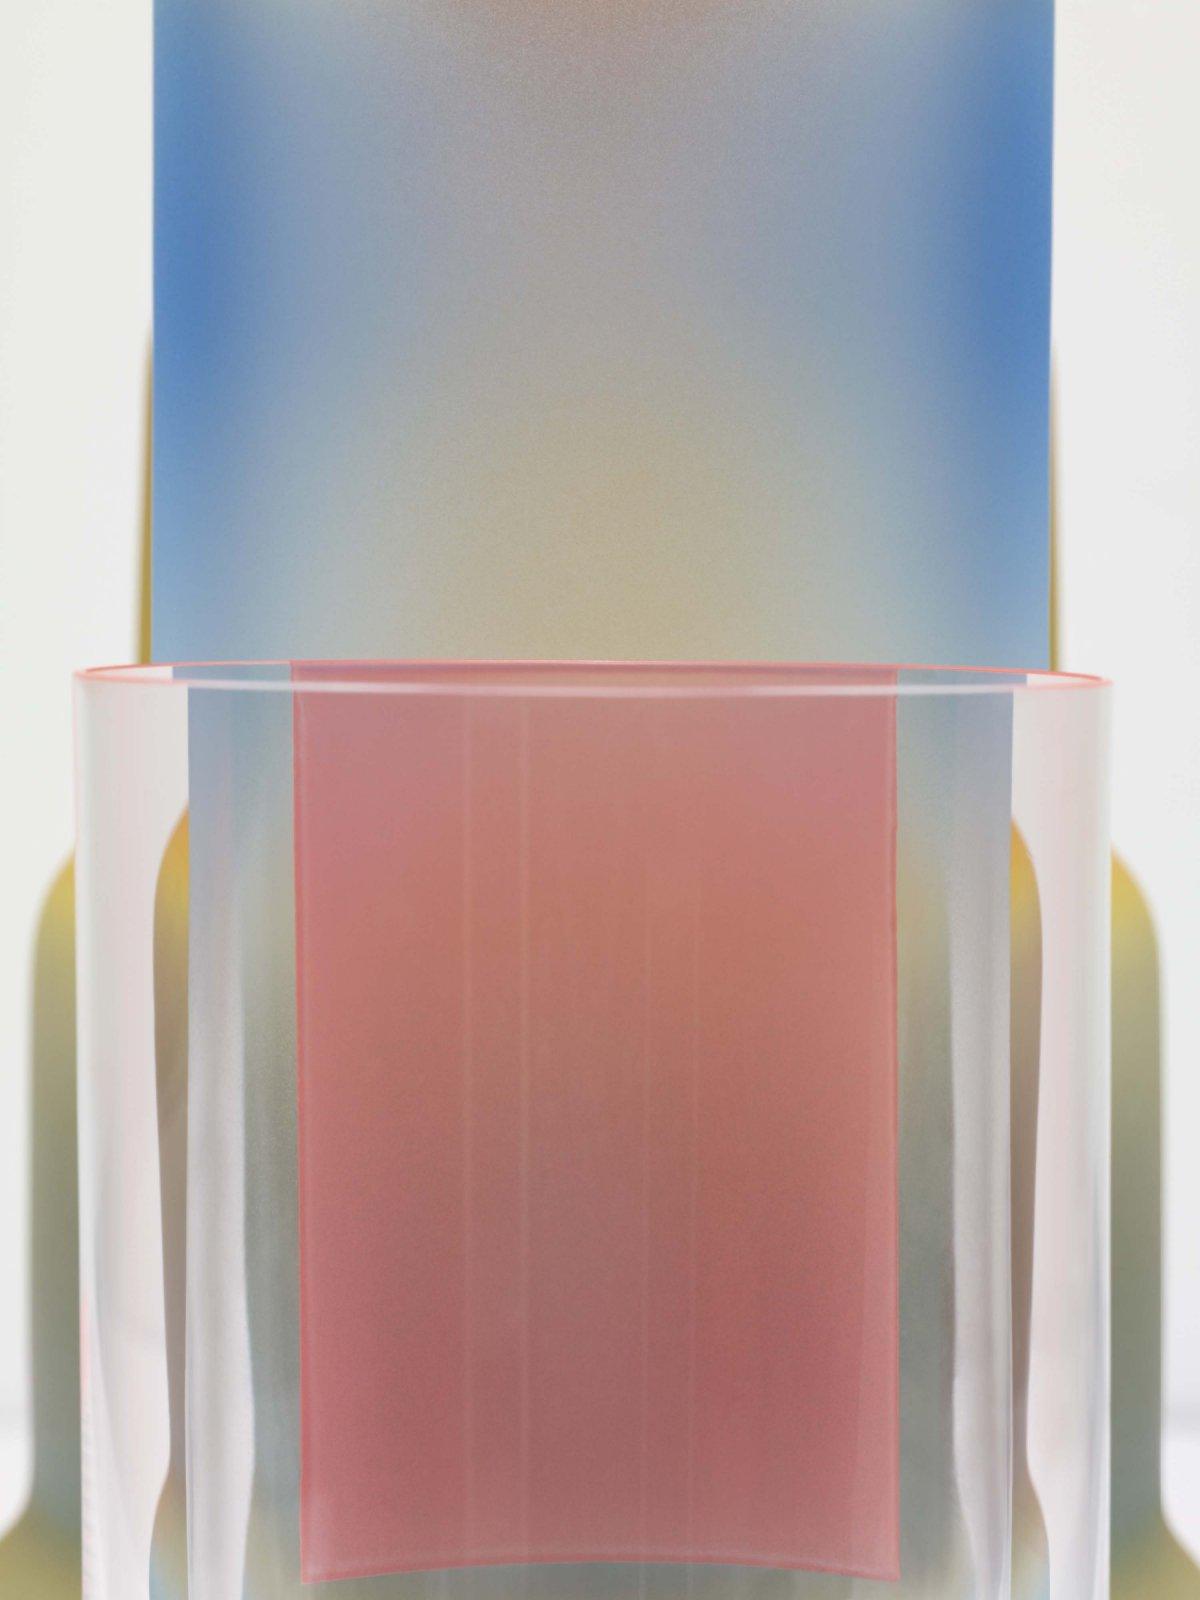 Scholten & Baijings, Art Institute Chicago, Hay, 2013 © Scheltens & Abbenes